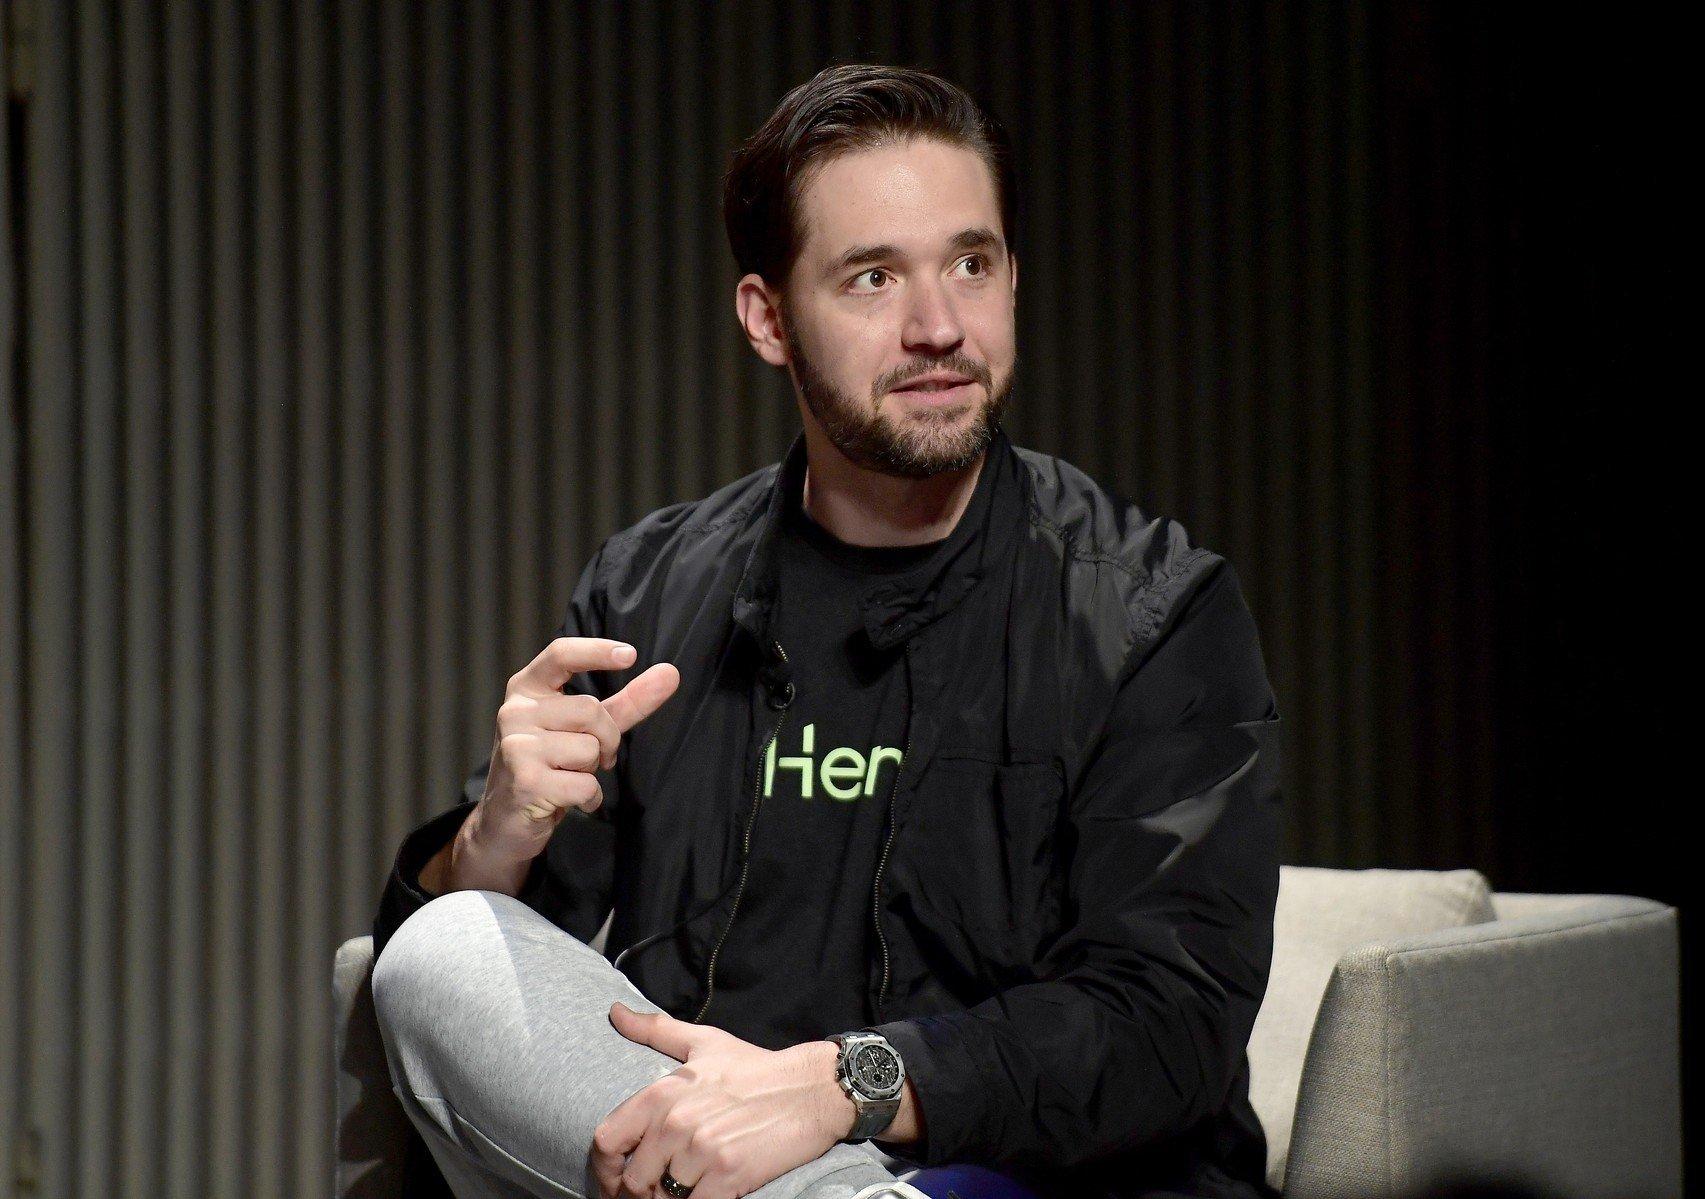 Lidé se začnou z velkých sociálních sítí stěhovat do komunit, říká zakladatel Redditu